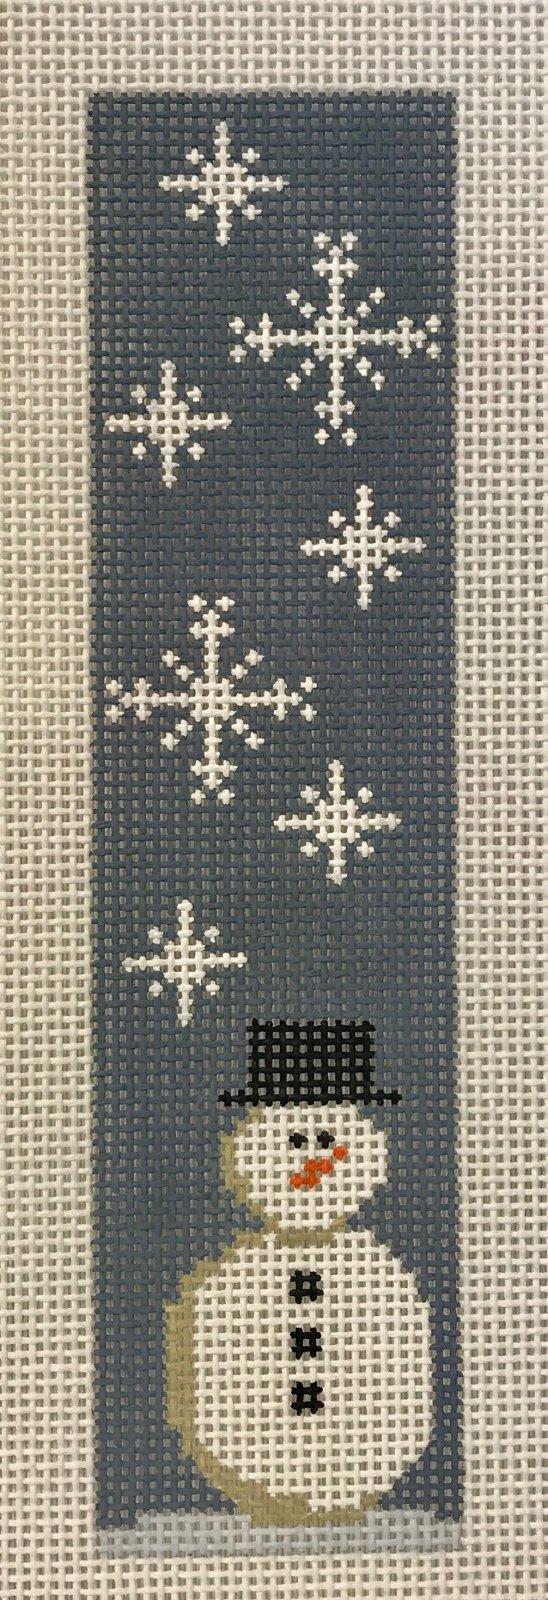 BKM205 Snowman Bookmark